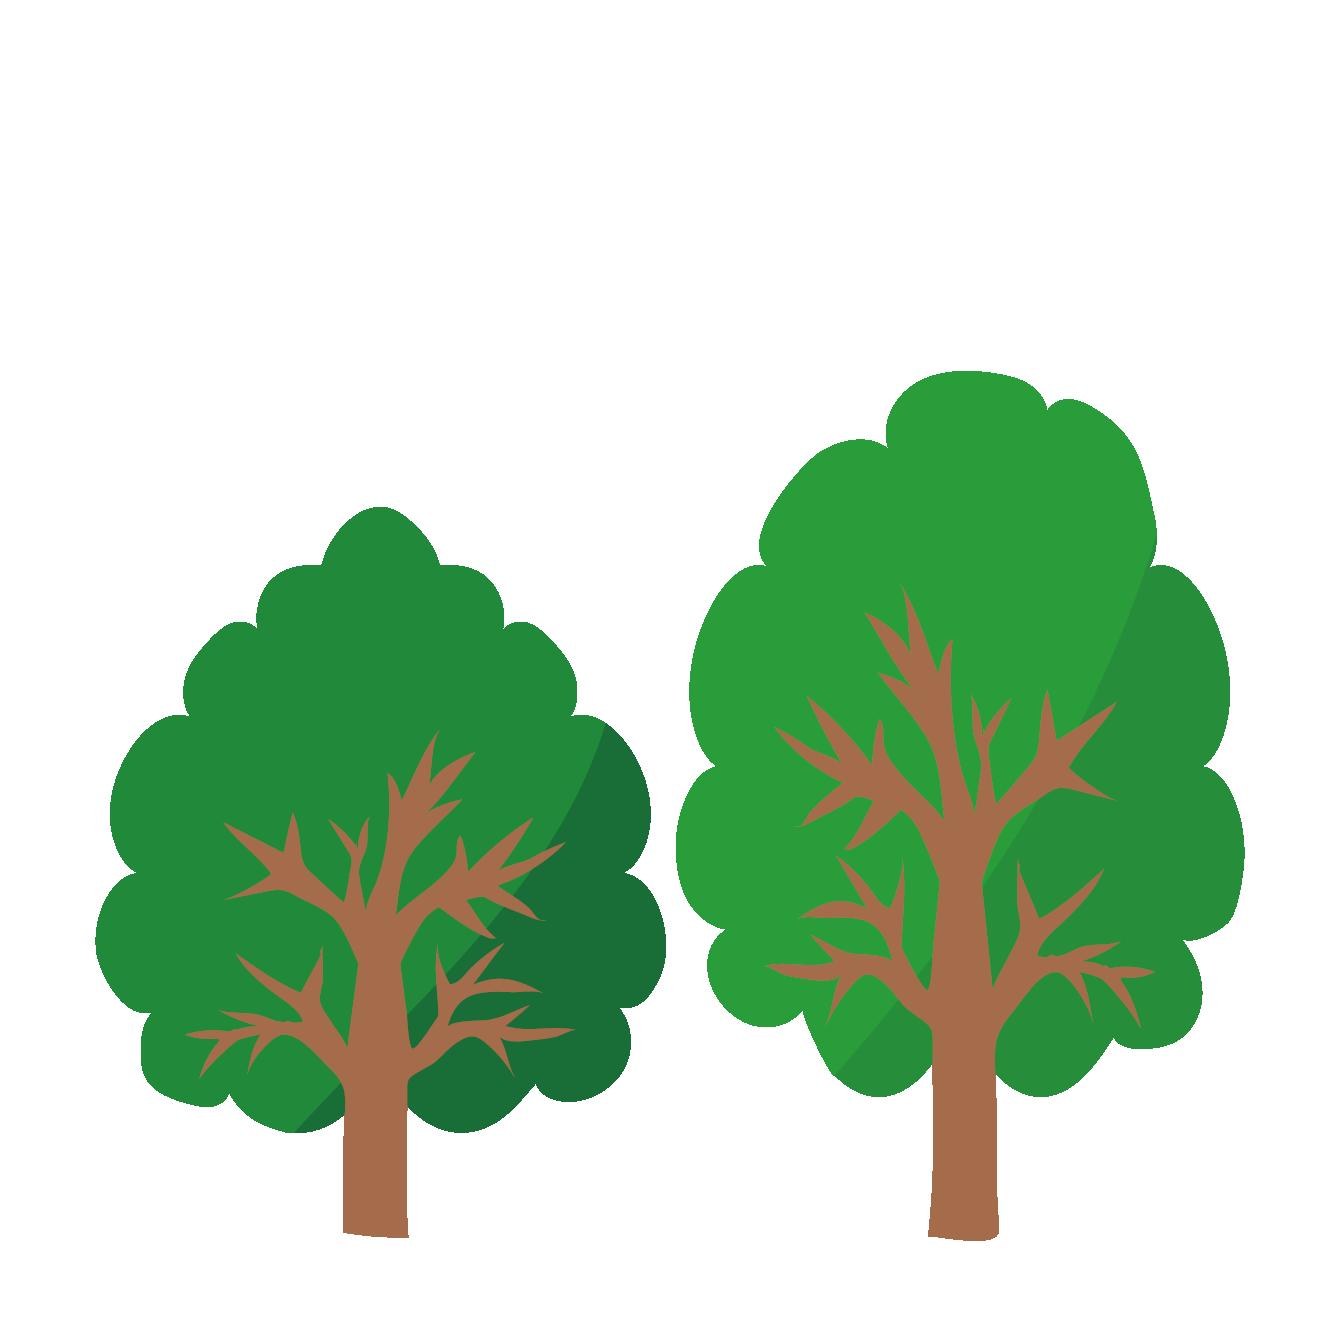 新緑♪木々(木)のイラスト   商用フリー(無料)のイラスト素材なら